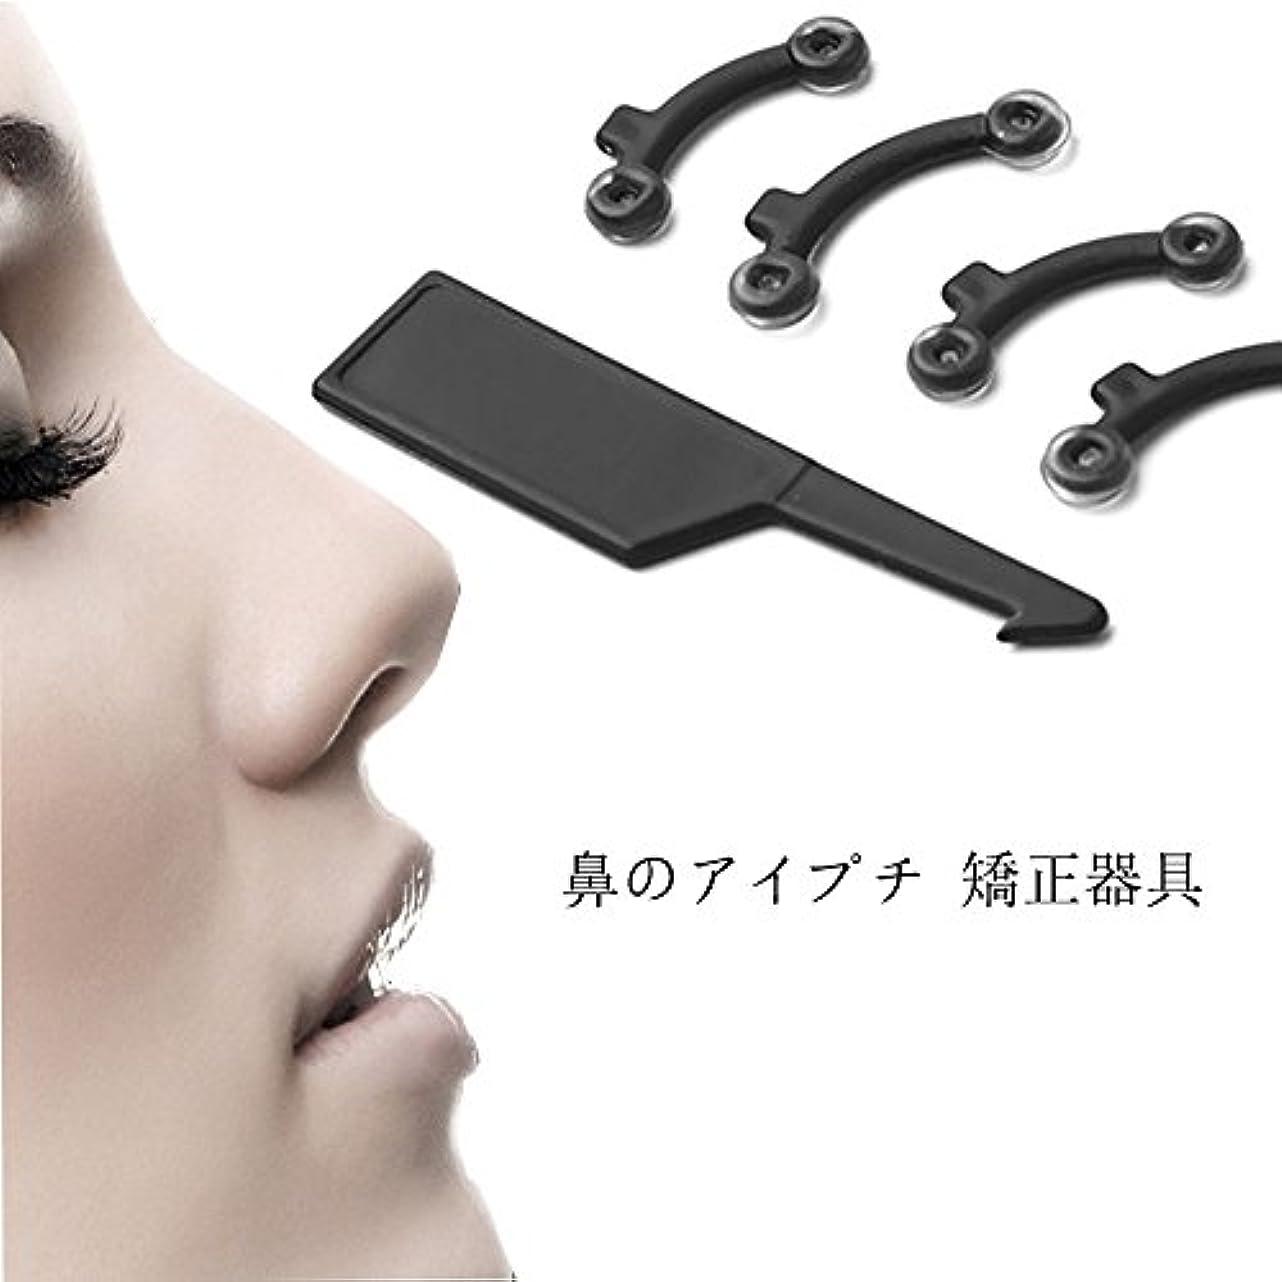 ペネロペ貫入故意のHotGame 鼻プチ コポン柔軟性高く 鼻筋スラりん 鼻パッド 美容 鼻のアイプチ 矯正器具 プチ整形 痛くない